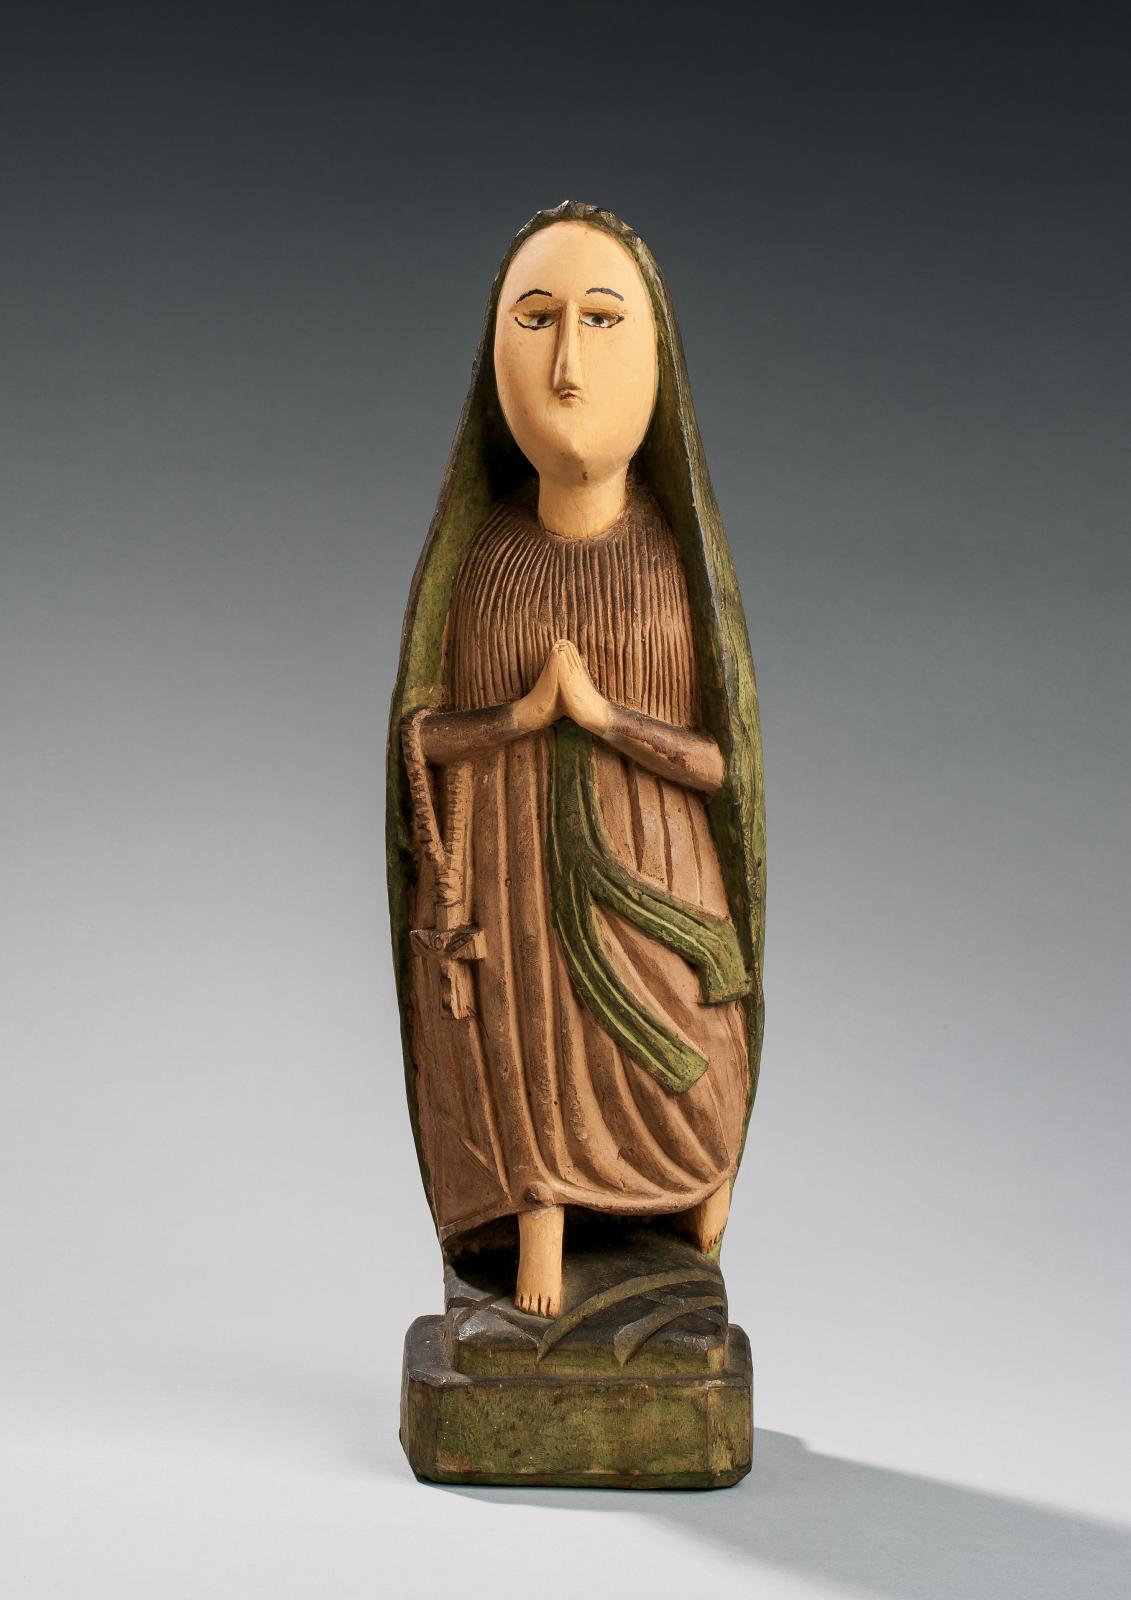 Statue ayant pour sujet Notre-Dame de Lourdes, années 1930, bois polychromé, 37x12x10,5cm, culture kongo (Woyo).